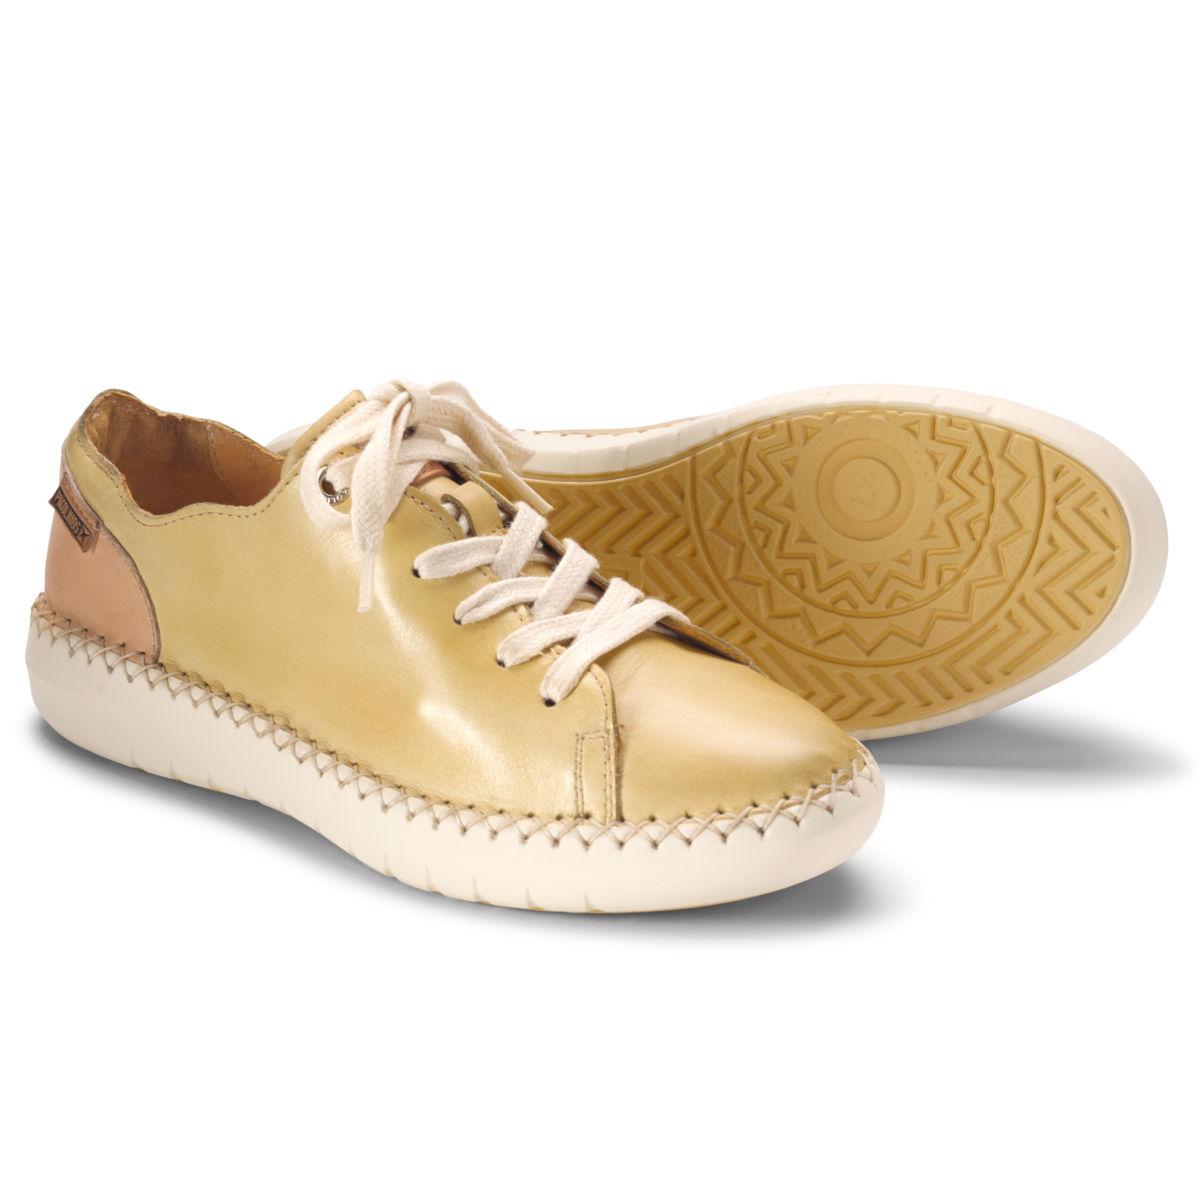 Pikolinos Mesina Sneakers - image number 0